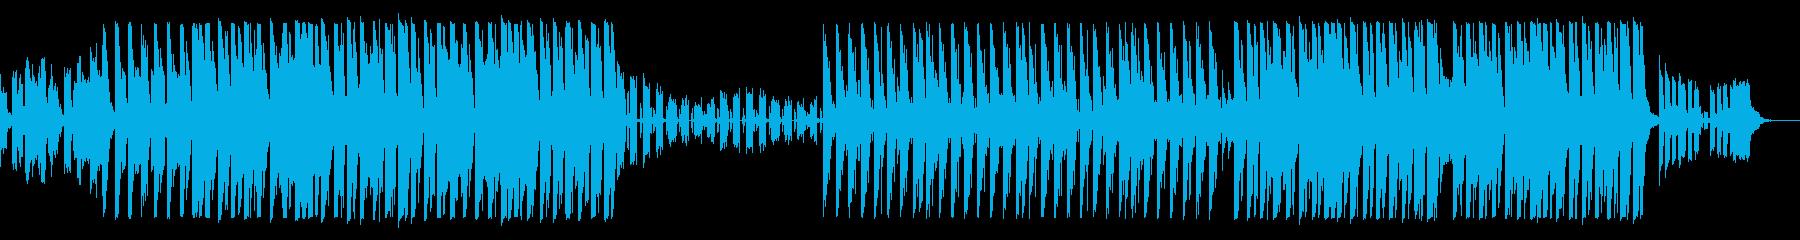 可愛らしい雰囲気のピアノEDMの再生済みの波形